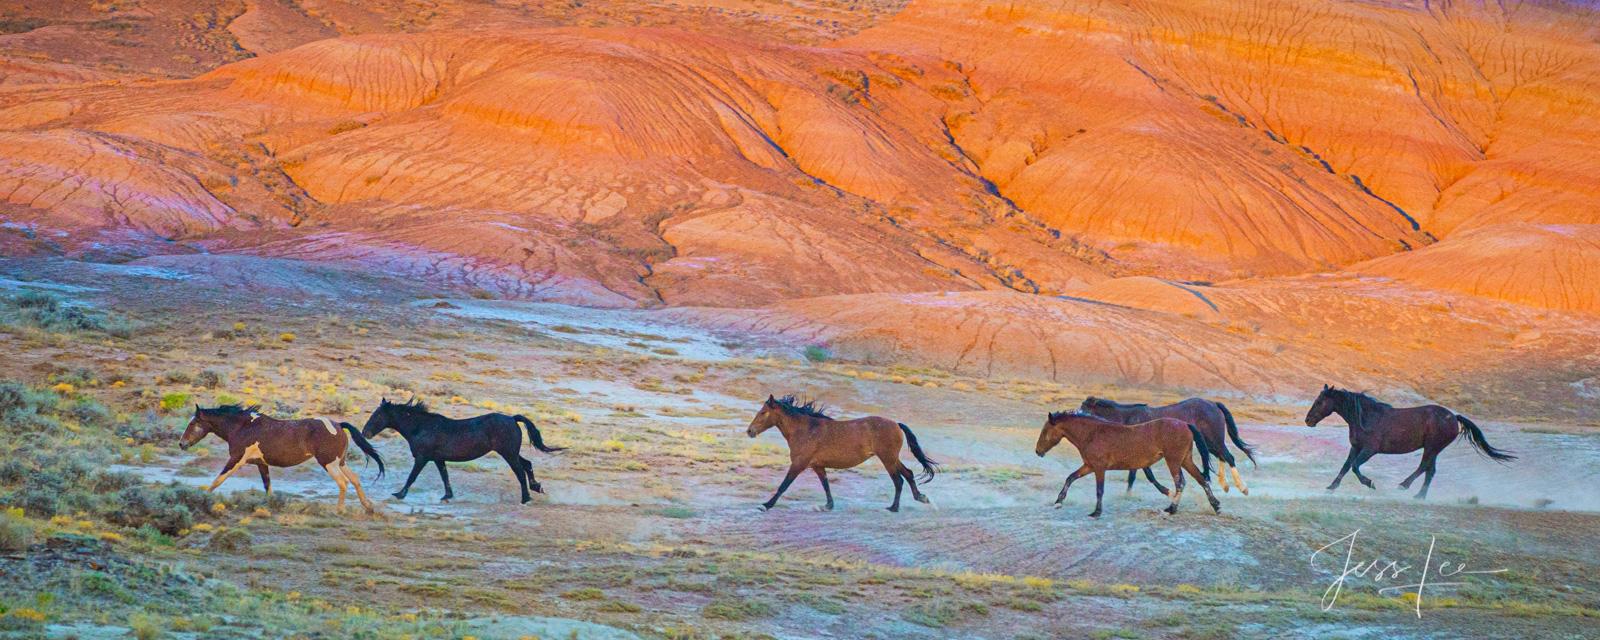 wild horse prints,, photo